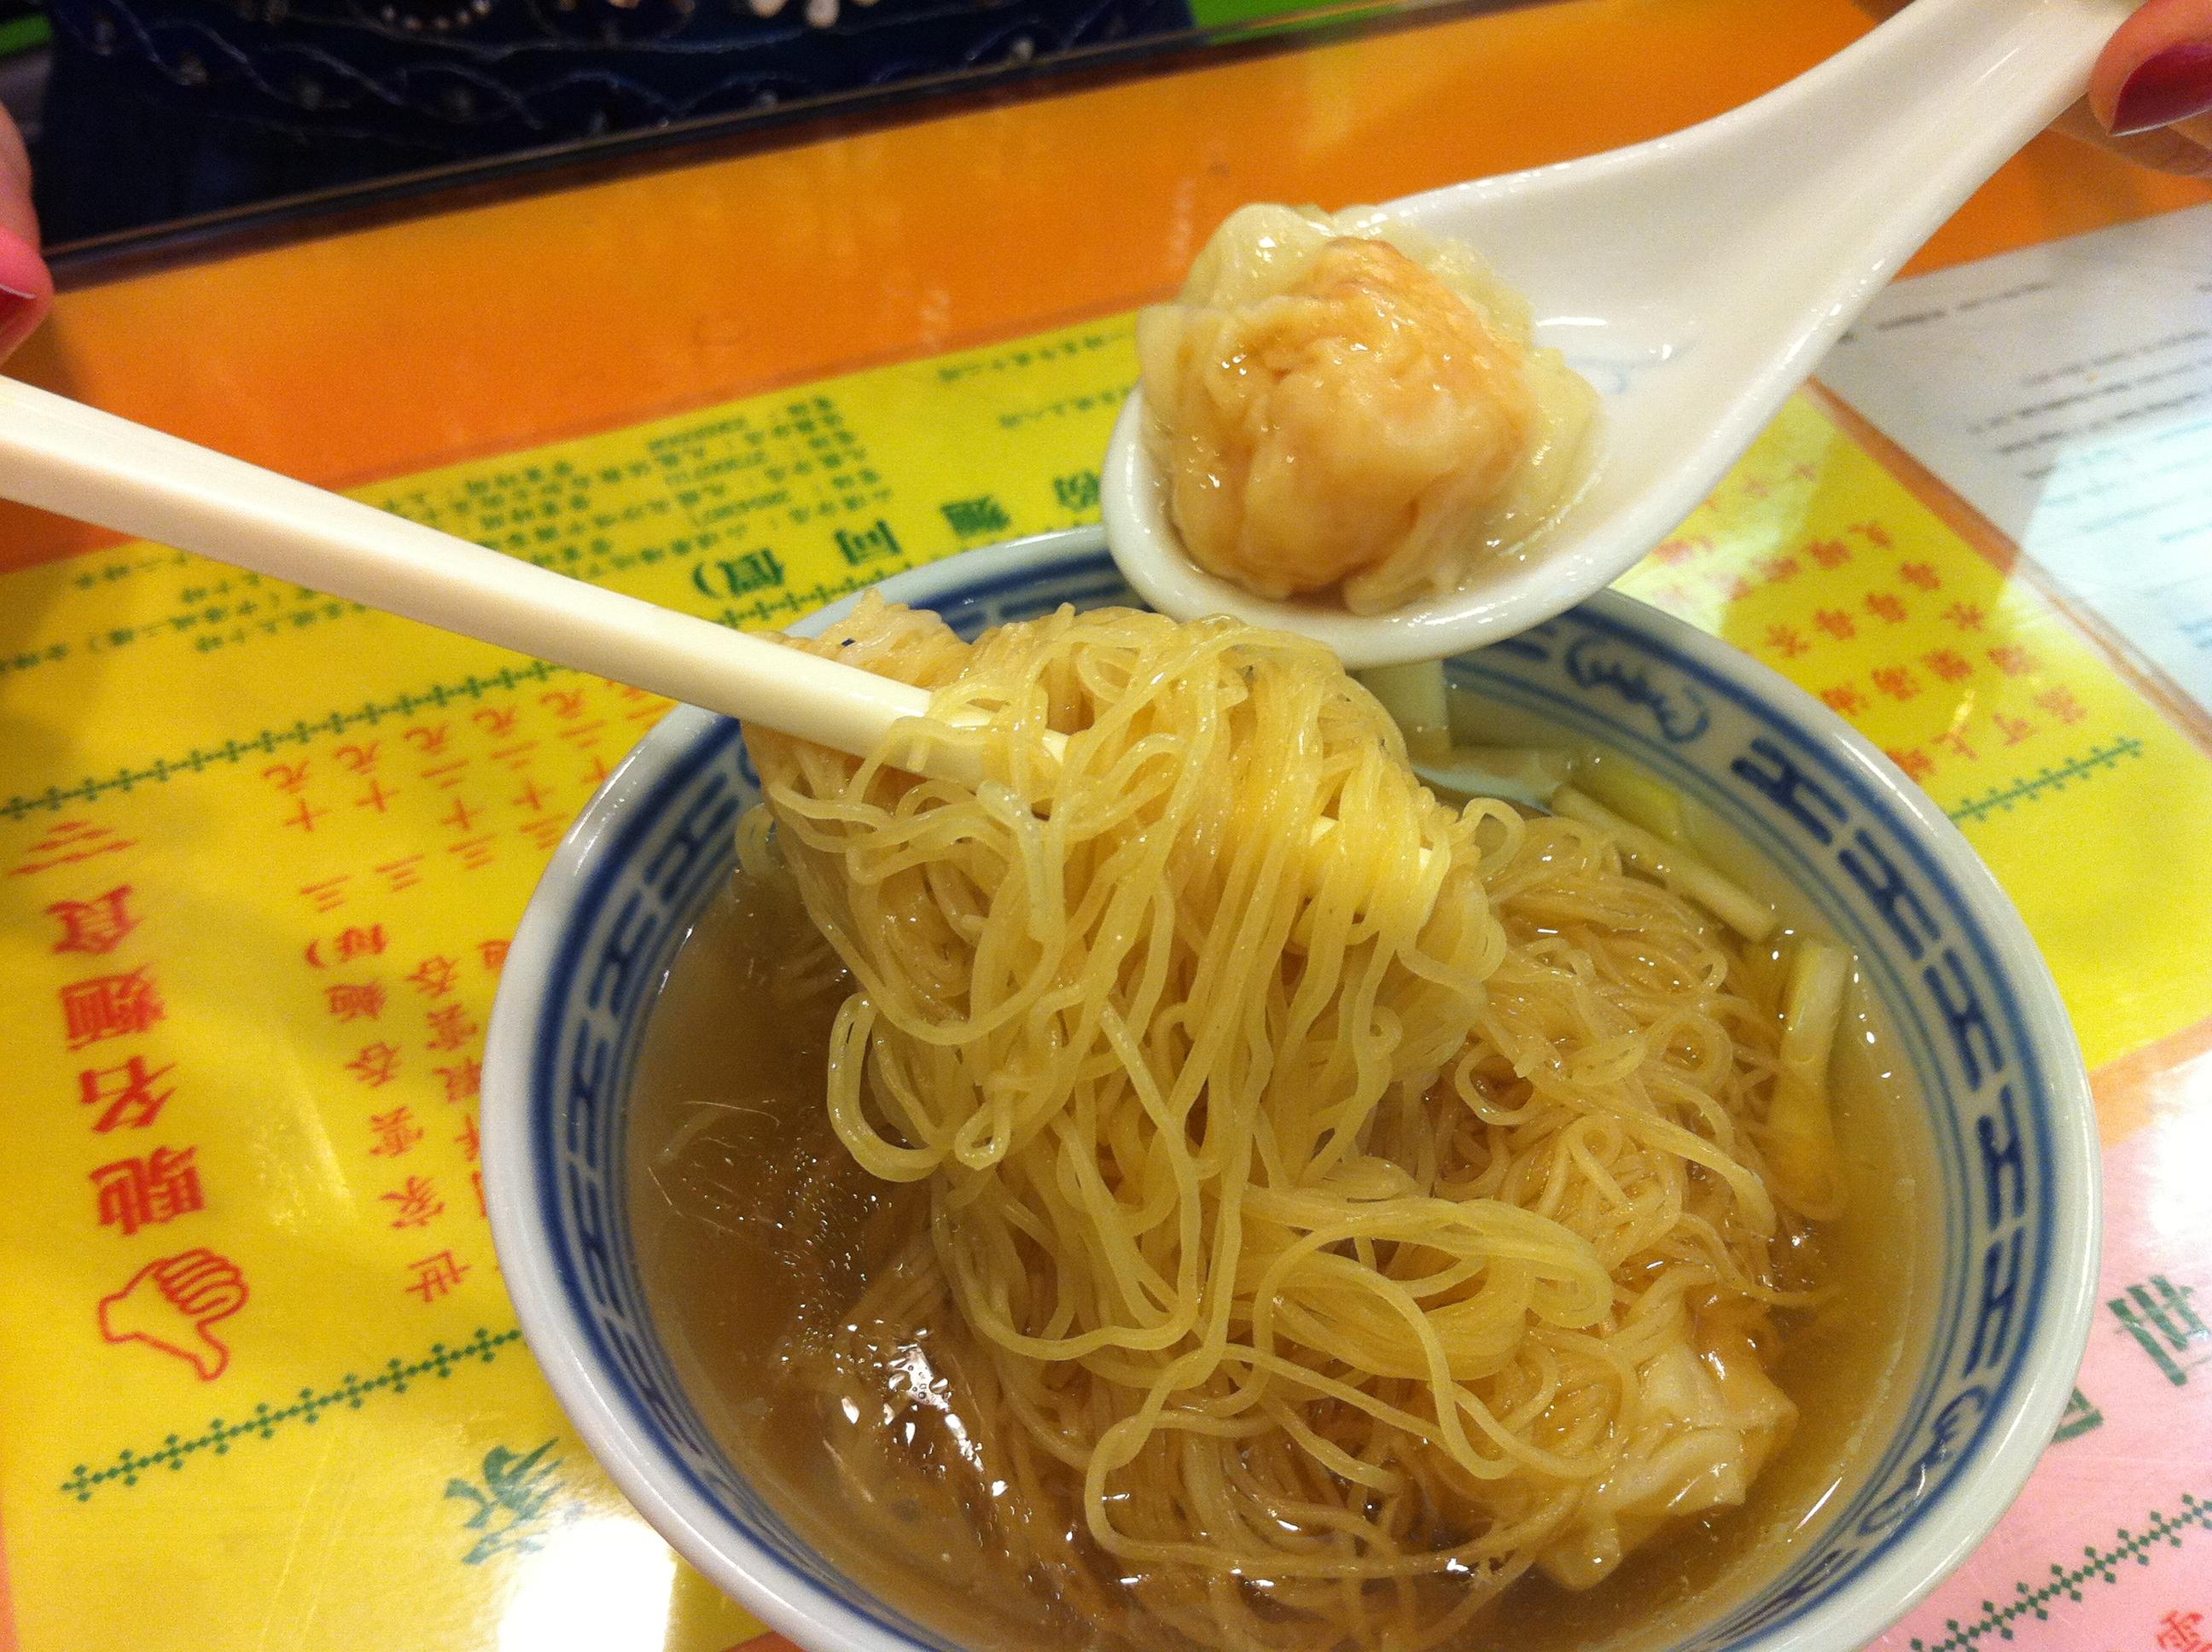 Mouthwatering wonton noodles at Mak's Noodles